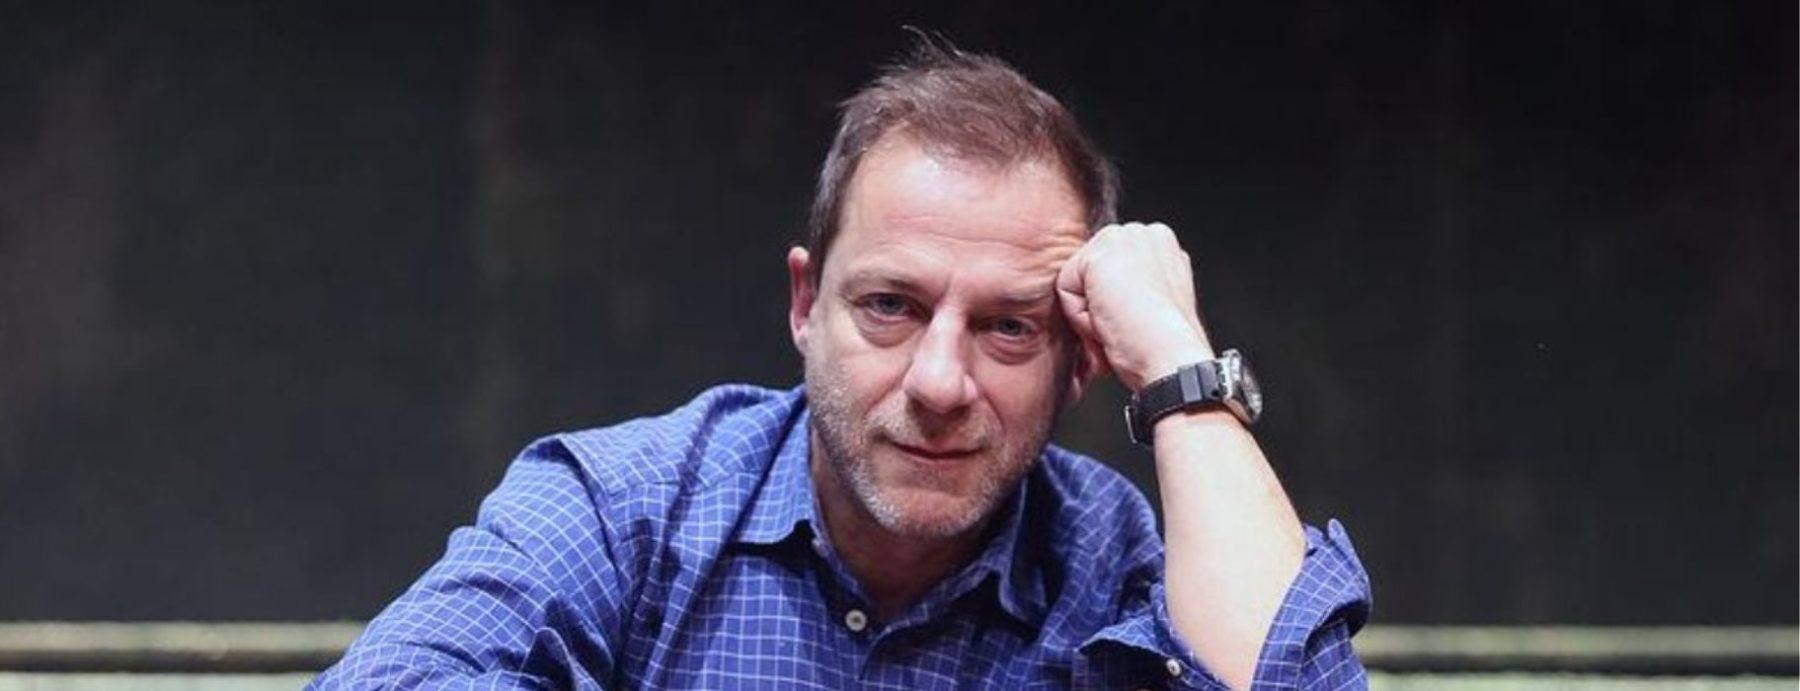 Έκτακτο: Γιατί πήγε στη ΓΑΔΑ ο Δημήτρης Λιγνάδης